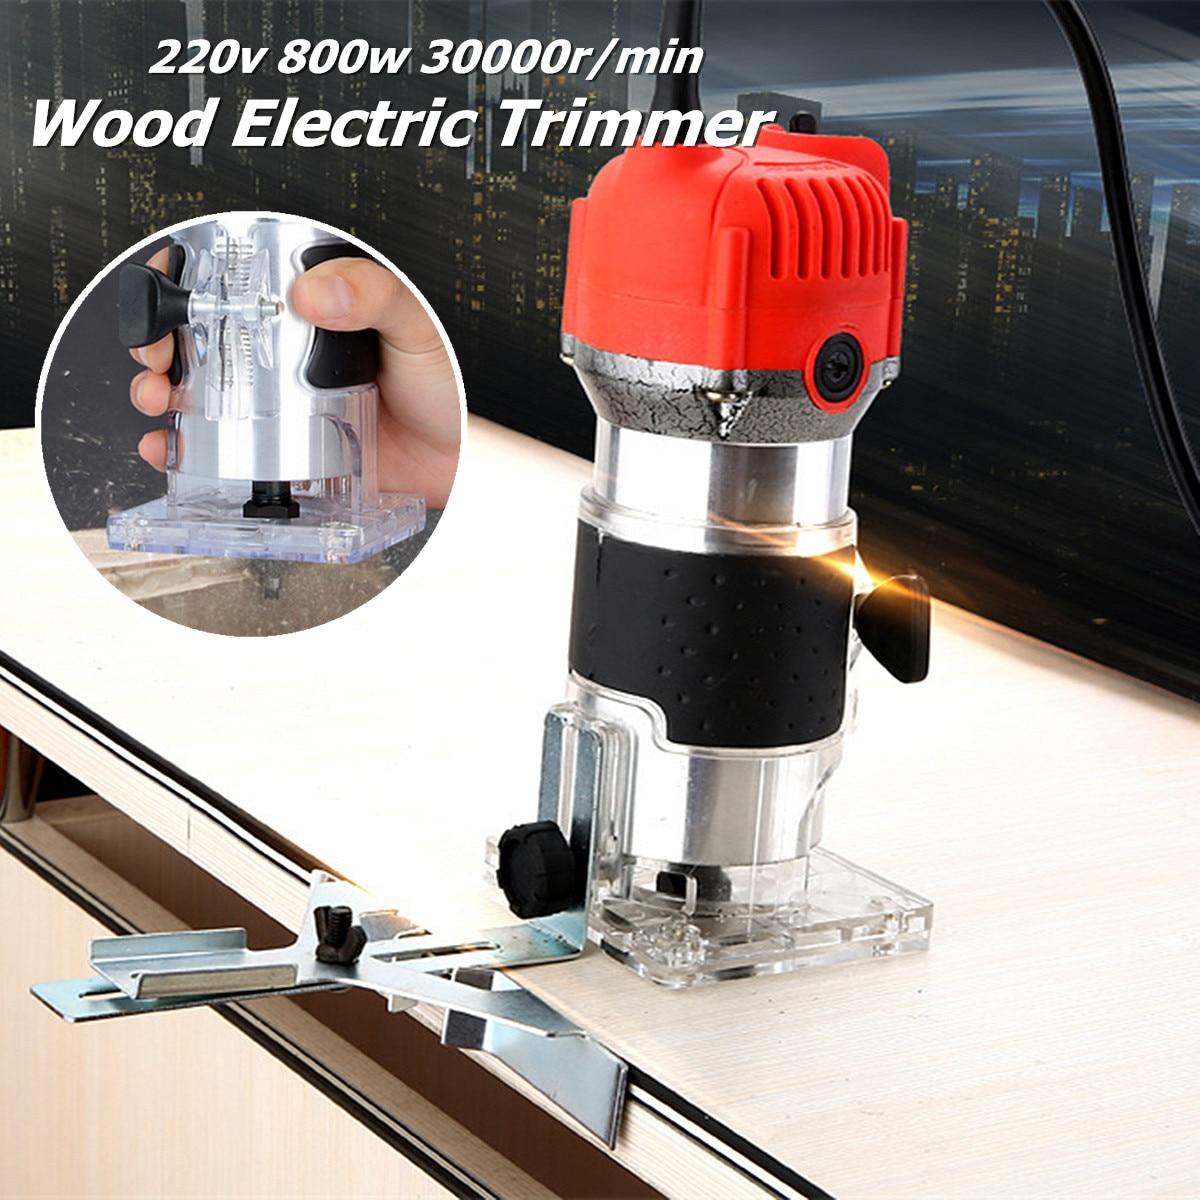 220 V 800 W 30000r/min Collet 6,35mm Au Stecker Corded Elektrische Hand Trimmer Holz Laminator Router Pvc-h-streifen Schreiner Werkzeuge Aluminium + Kunststoff